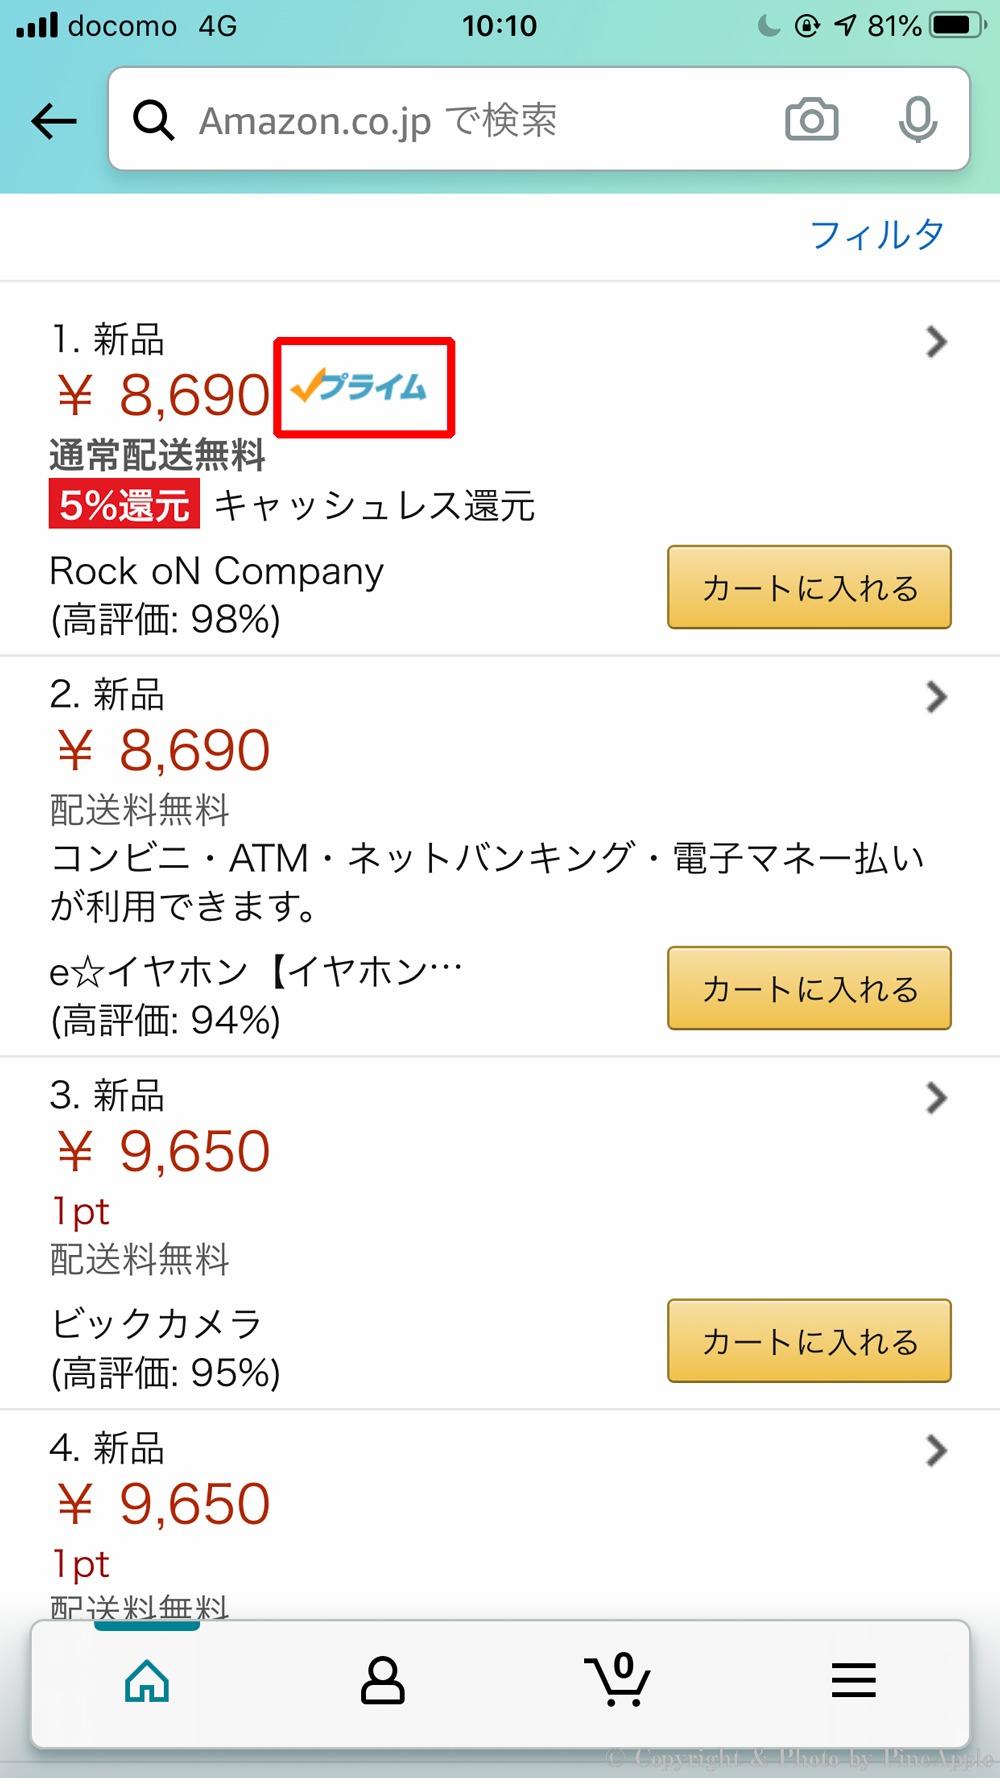 Amazon ショッピングアプリ:Prime(プライム)対象店舗